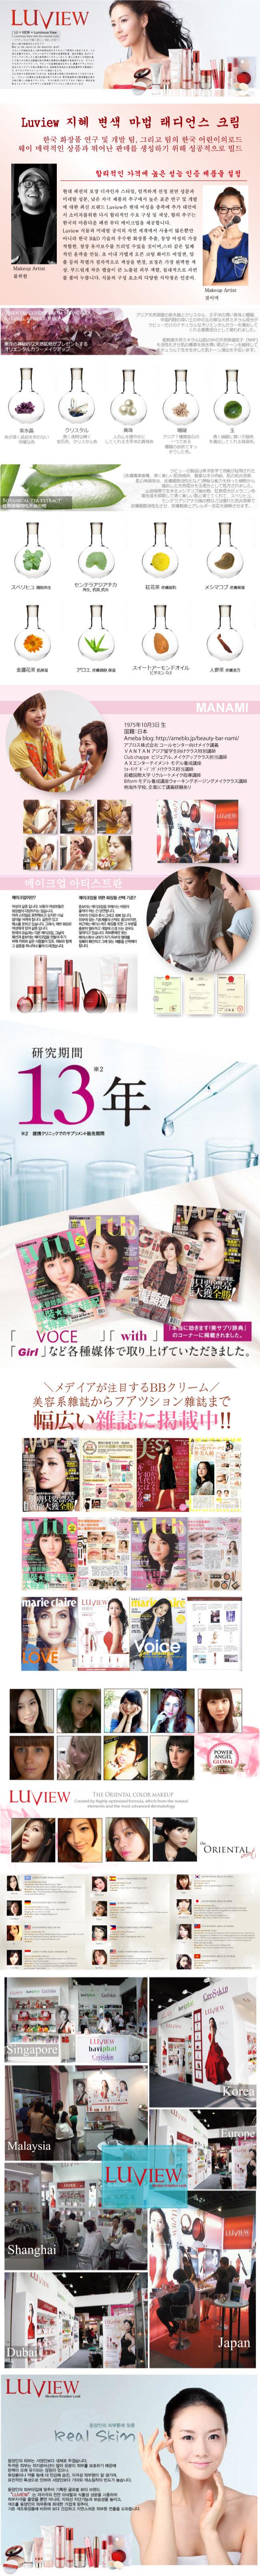 lu_story_info_20141128_650_.jpg